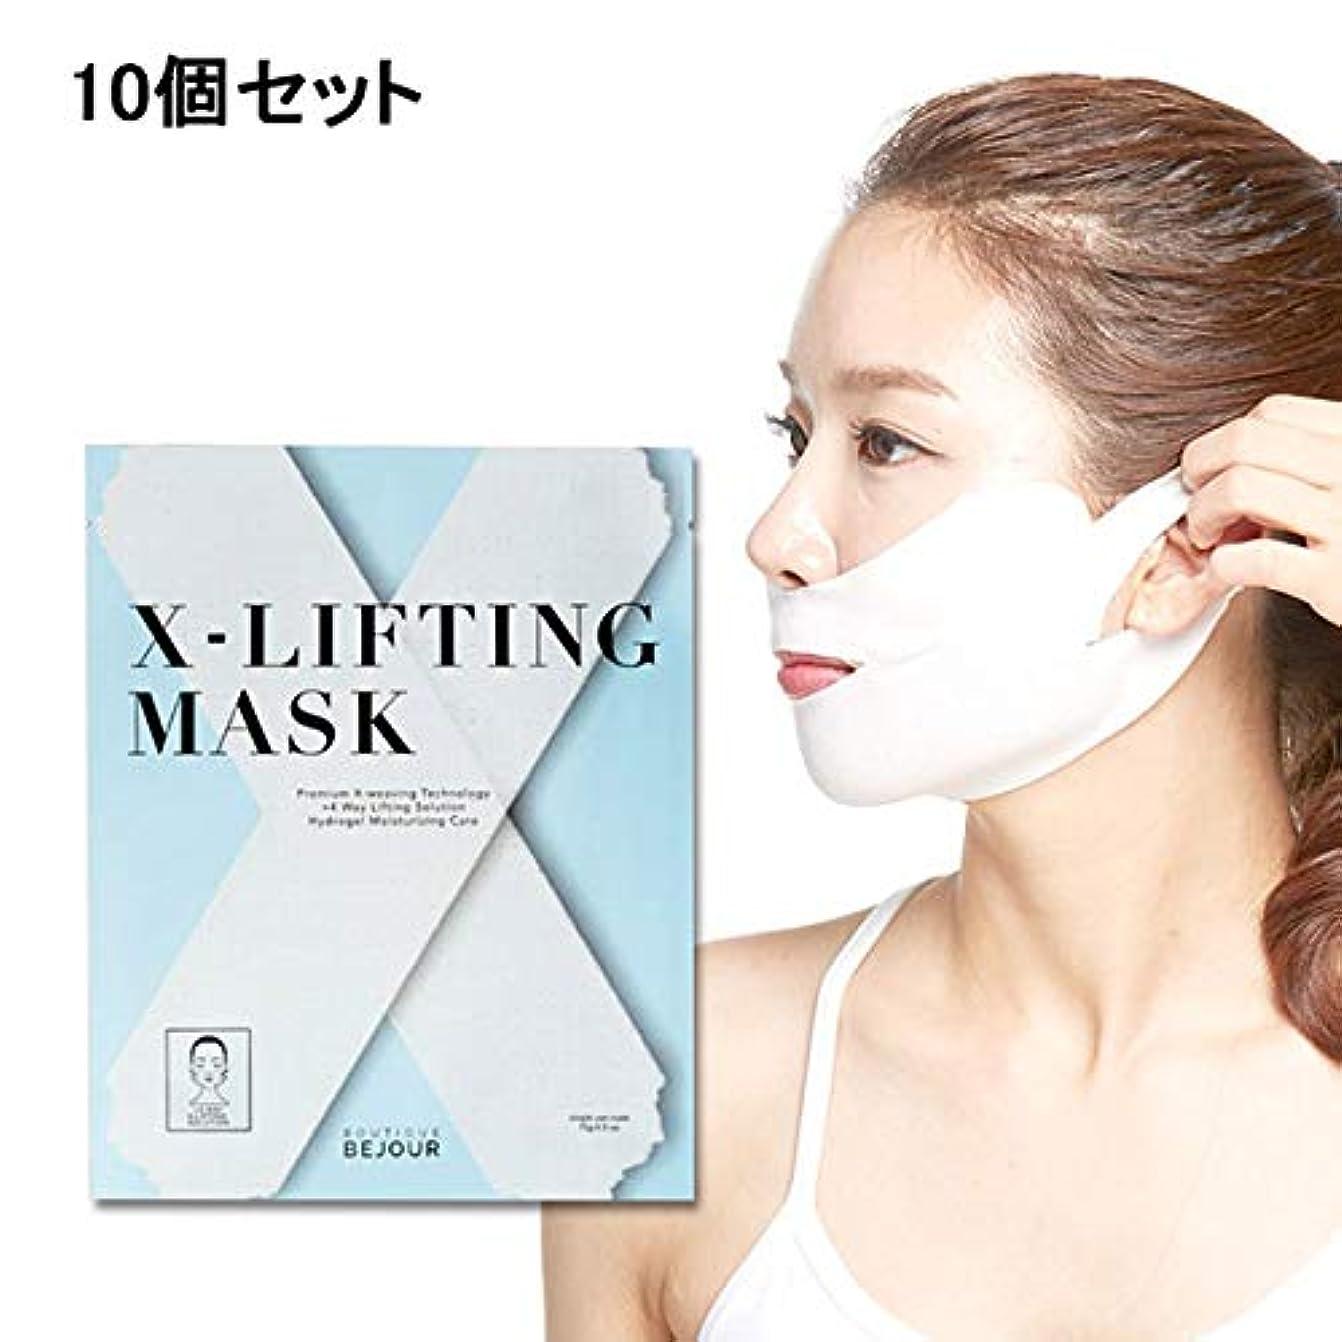 クレデンシャルガムトライアスロン< ビジュール > X-Lifting (エックスリフティング) マスク (10個セット) [ リフトアップ フェイスマスク フェイスシート フェイスパック フェイシャルマスク シートマスク フェイシャルシート フェイシャルパック...